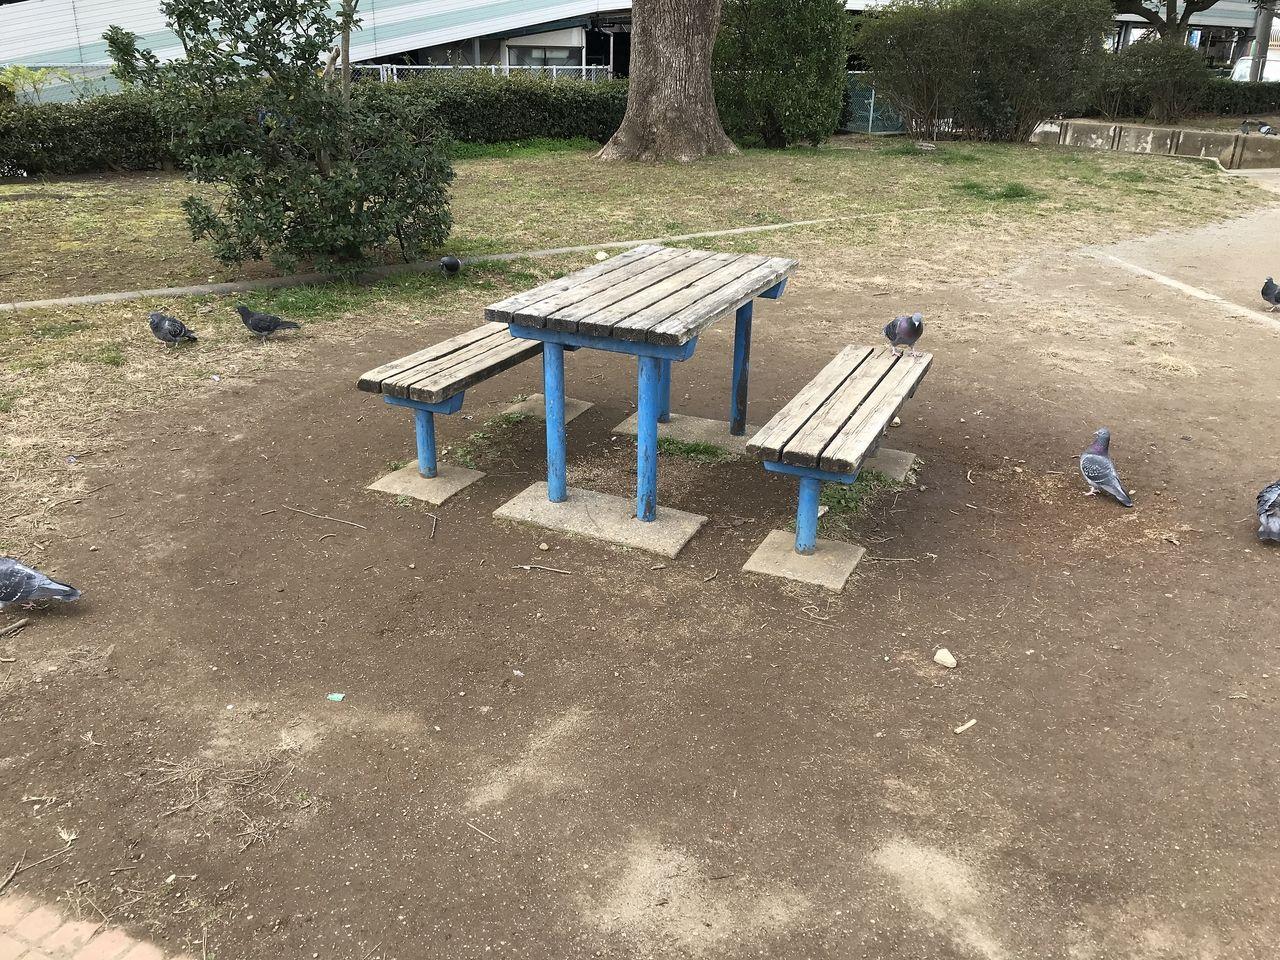 行徳の日本庭園?のある安全に配慮された公園「行徳南部公園」